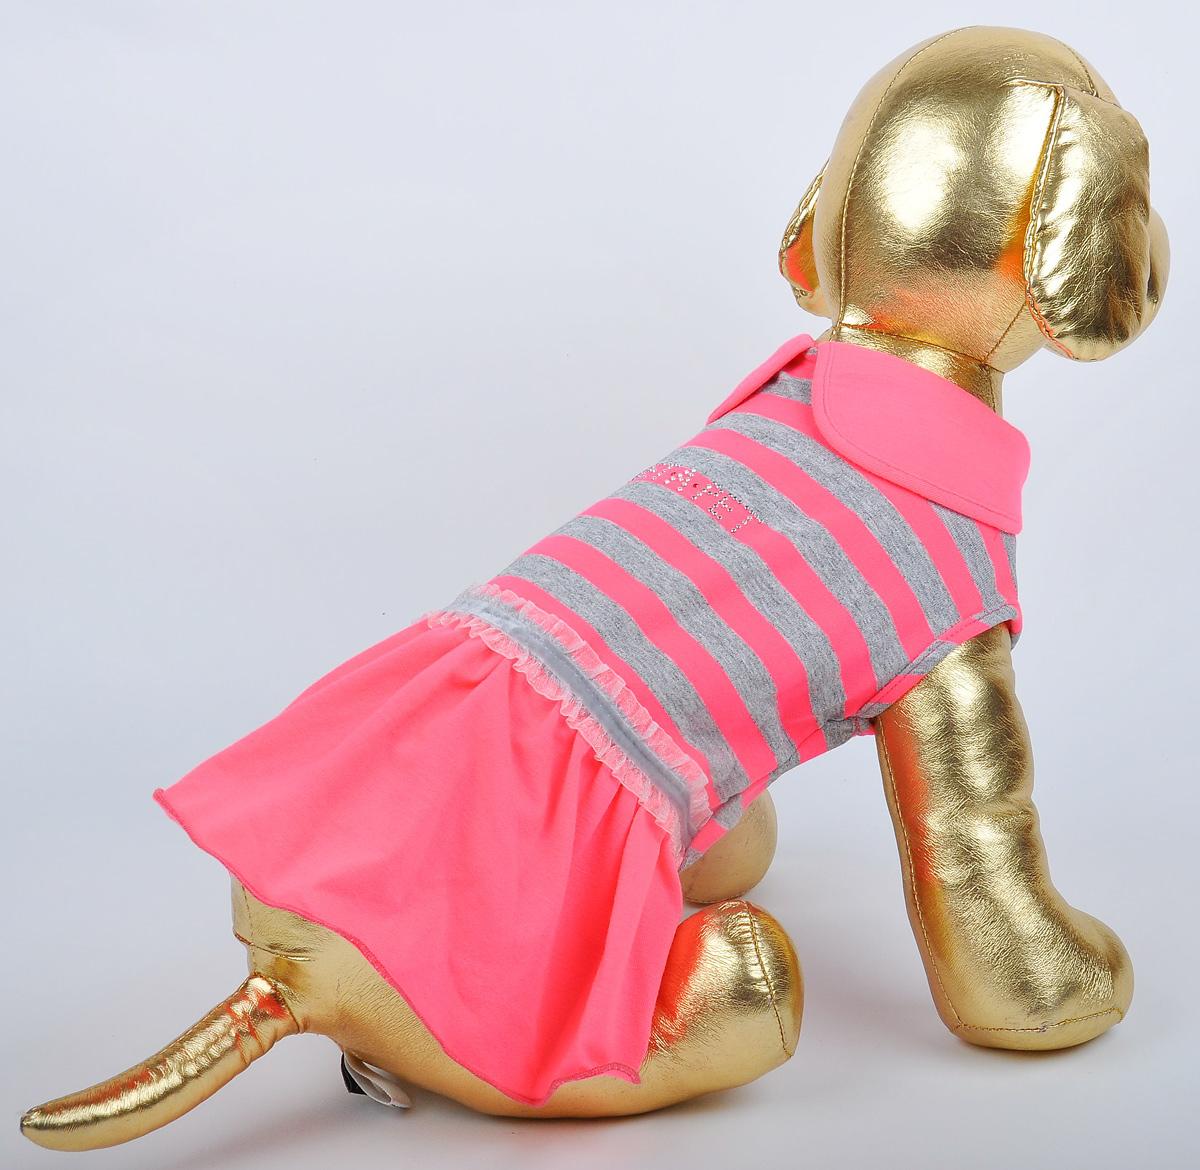 Платье для собак GLG Фэшн Ультра. Размер XSMOS-005-PINK-XSПлатье для собак GLG Фэшн Ультра выполнено из вискозы. Рукава не ограничивают свободу движений, и собачка будет чувствовать себя в нем комфортно. Изделие застегивается с помощью кнопок..Модное и невероятно удобное платье защитит вашего питомца от пыли и насекомых на улице, согреет дома или на даче.Длина спины: 19-21 смОбхват груди: 26-28 см.Одежда для собак: нужна ли она и как её выбрать. Статья OZON Гид